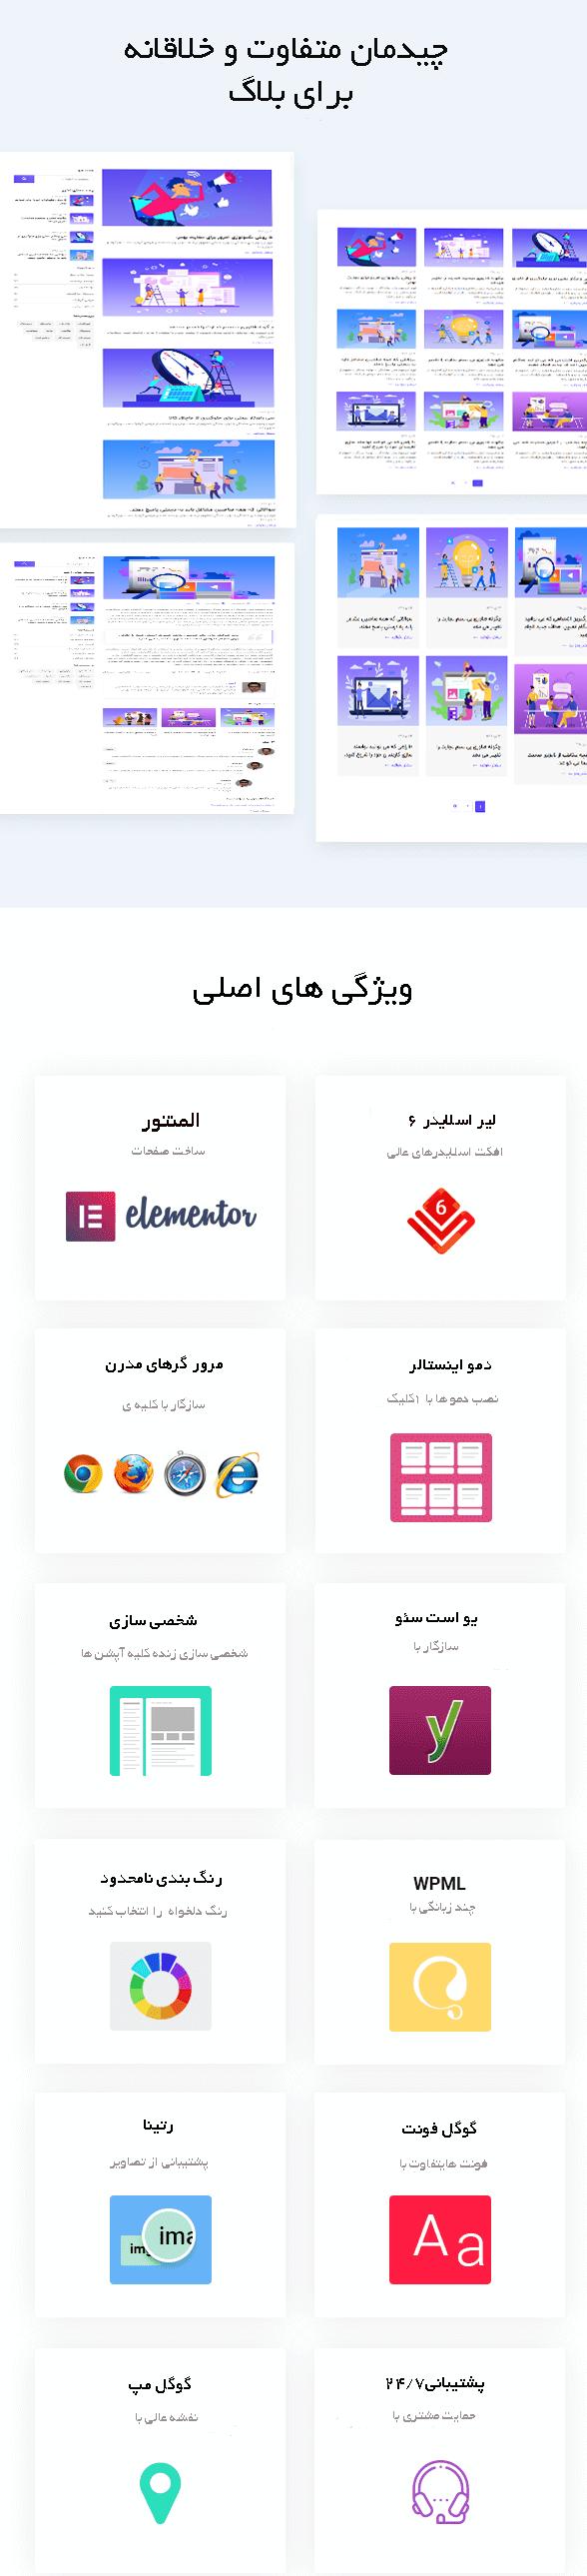 طرح های مختلف وبلاگ قالب وردپرس استارت آپ دیجکو